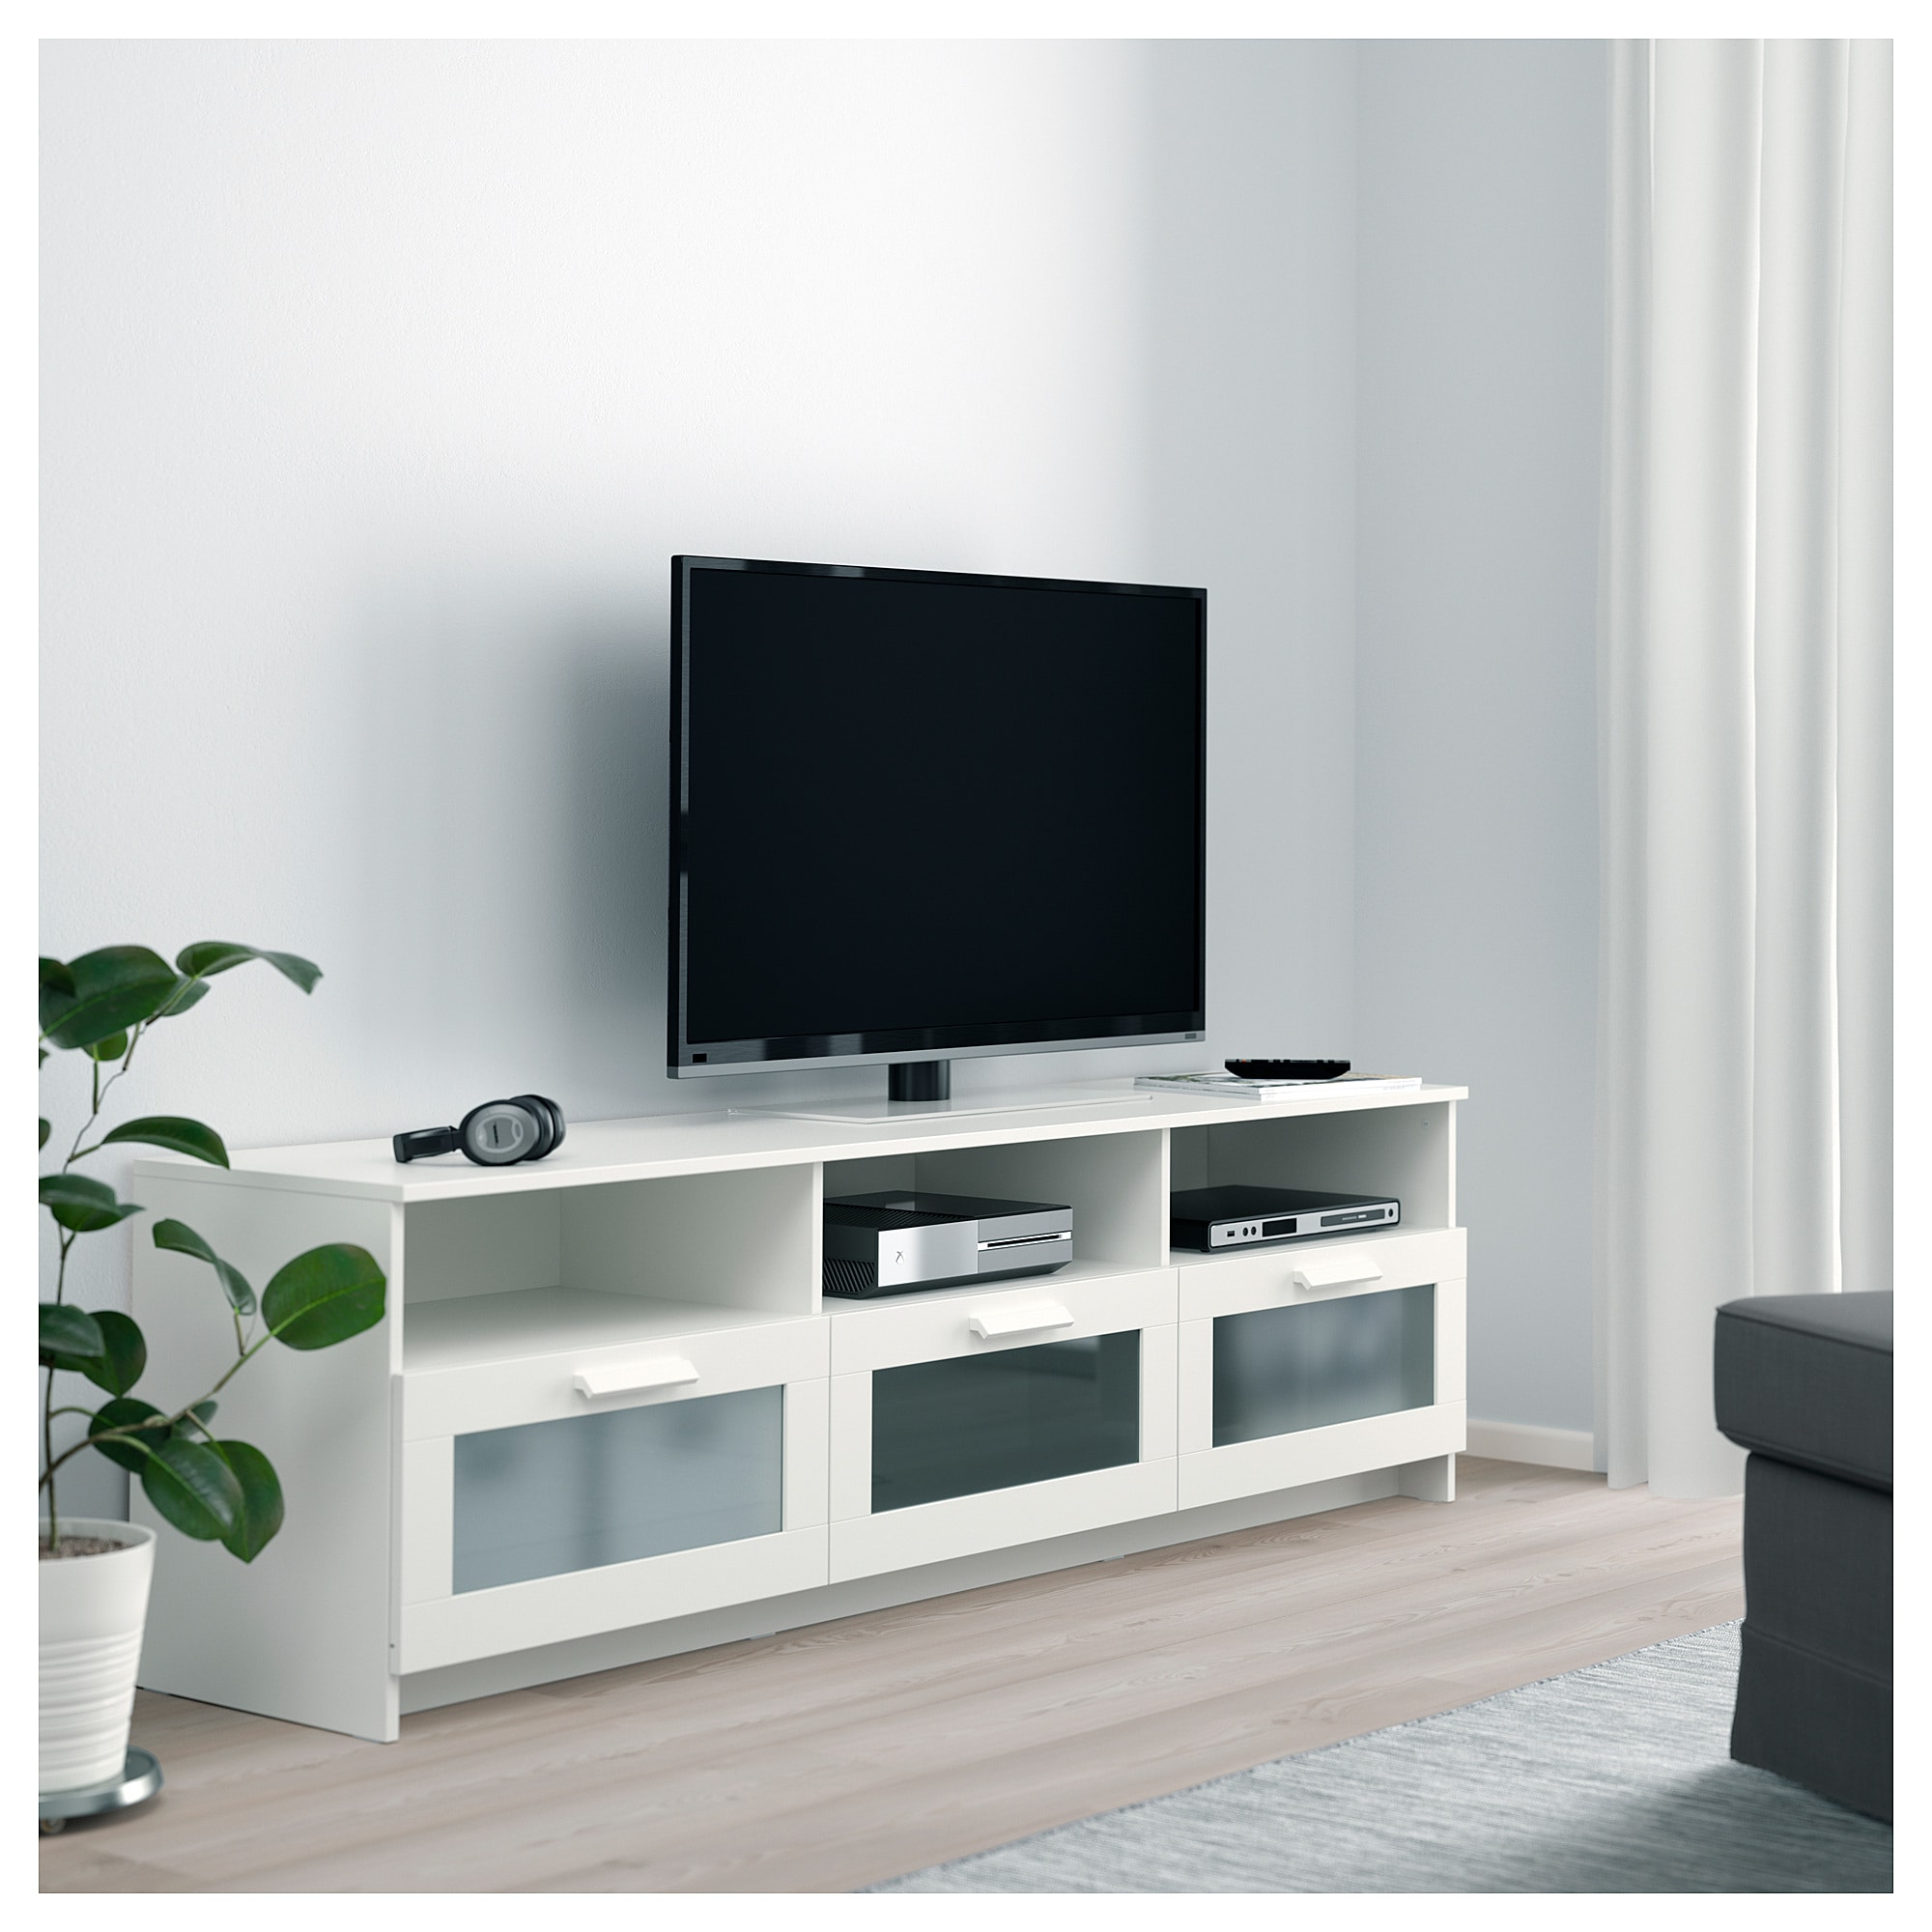 Mesas De Television Ikea Zwdg En Ikea Mesas Televisià N Prà Cticas Y Decorativas Catalogomueblesde